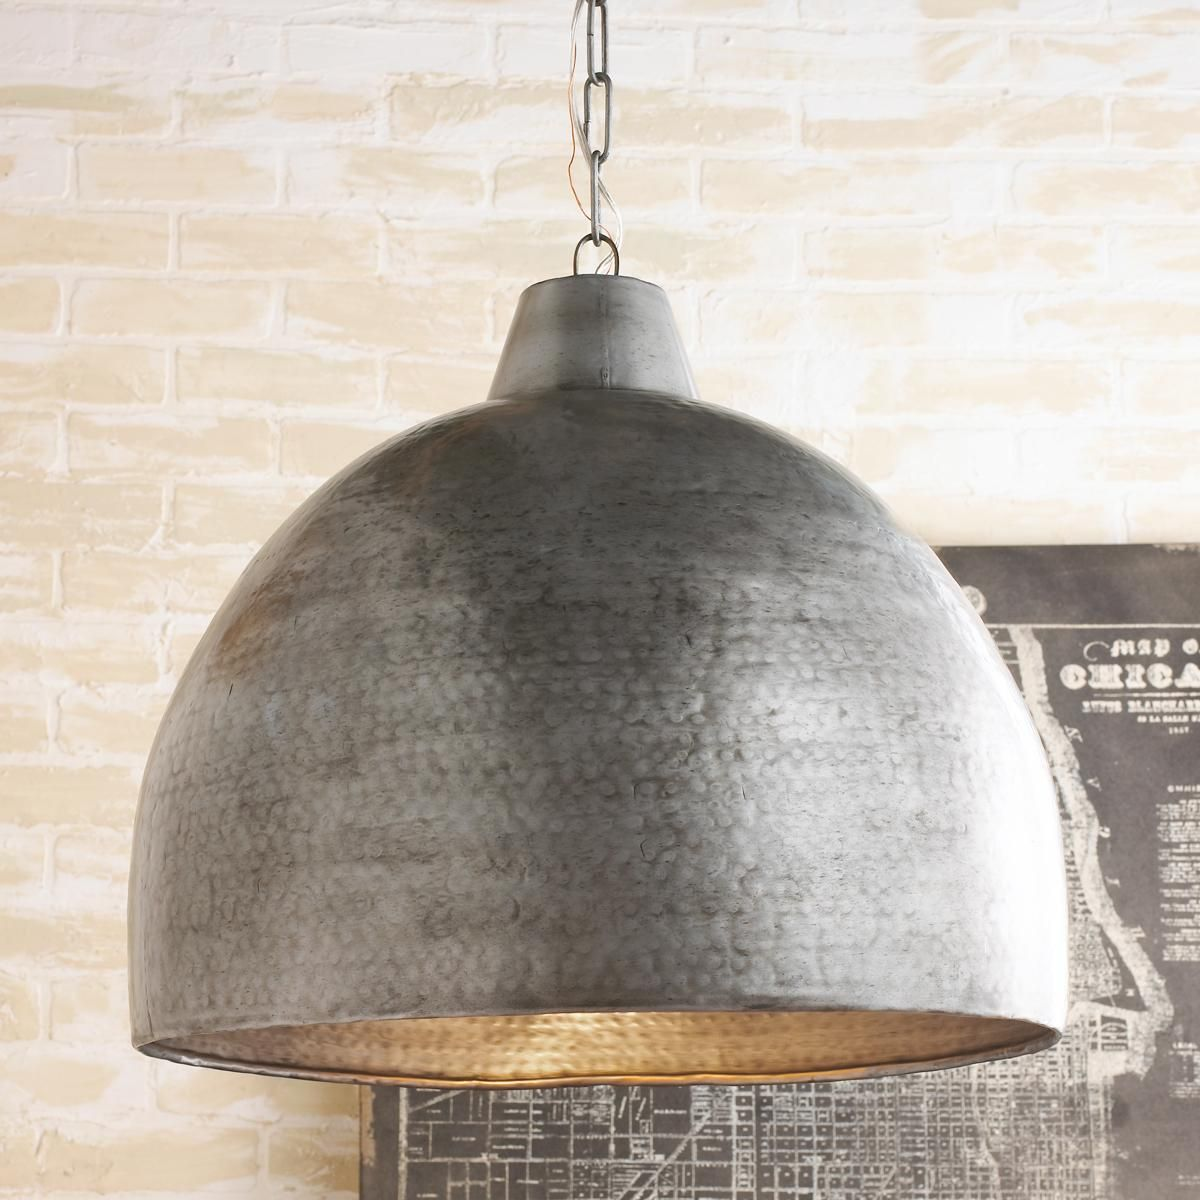 Smartwares Industrial Es Pendant Light Black Bronze: Hammered Steel Oversized Dome Pendant